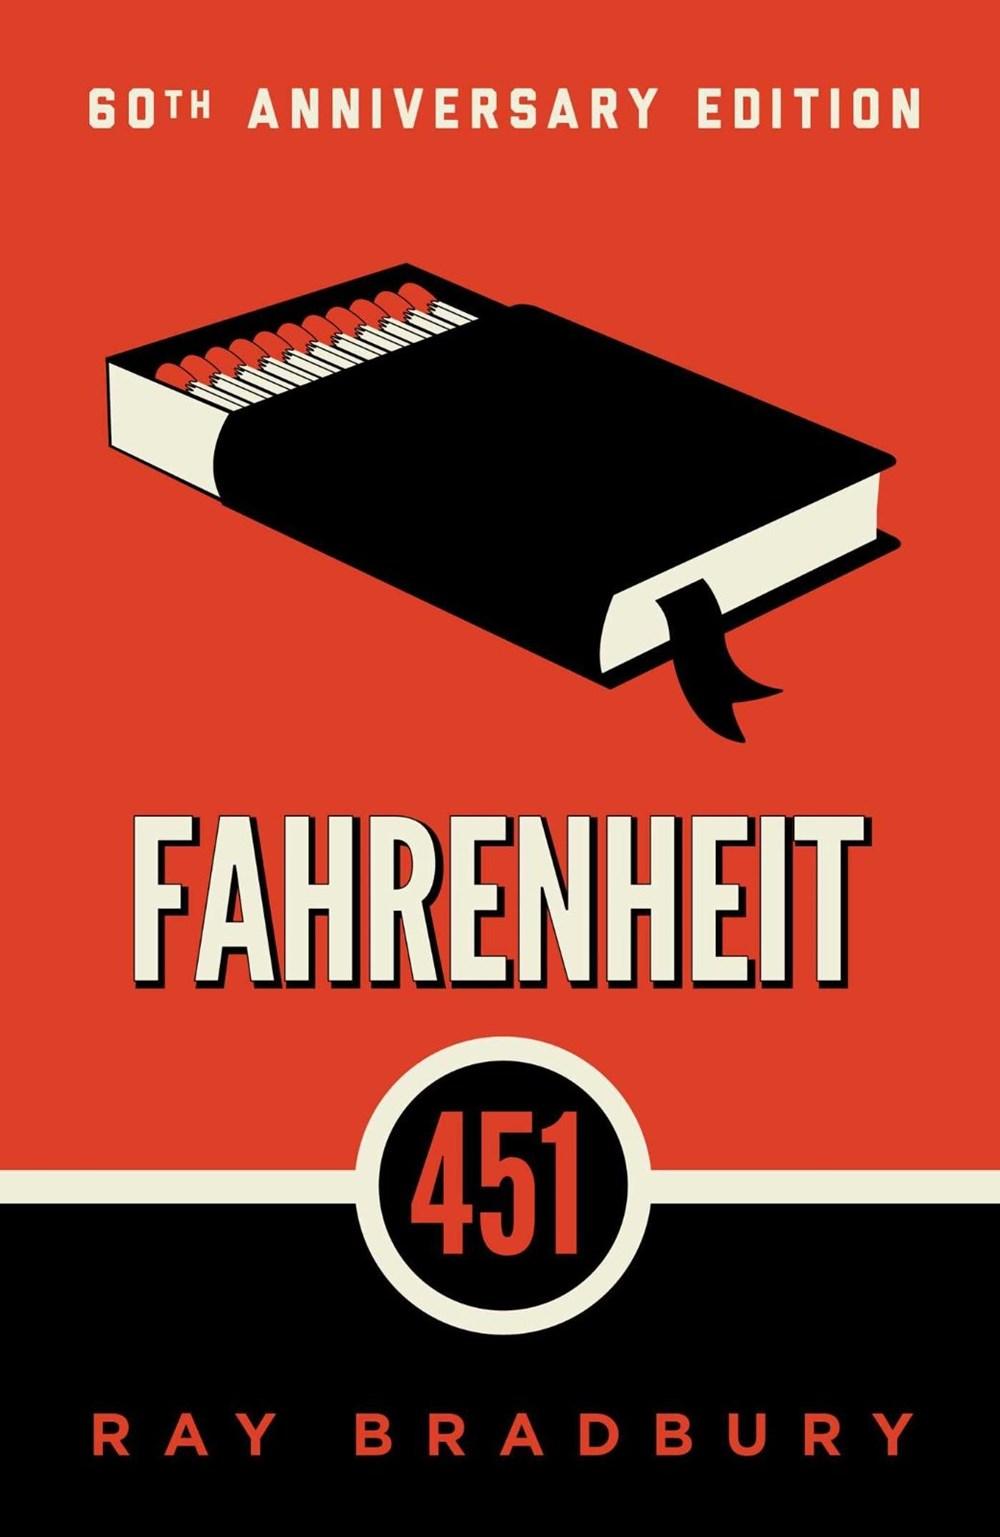 2021'in en çok satan kitapları - 6